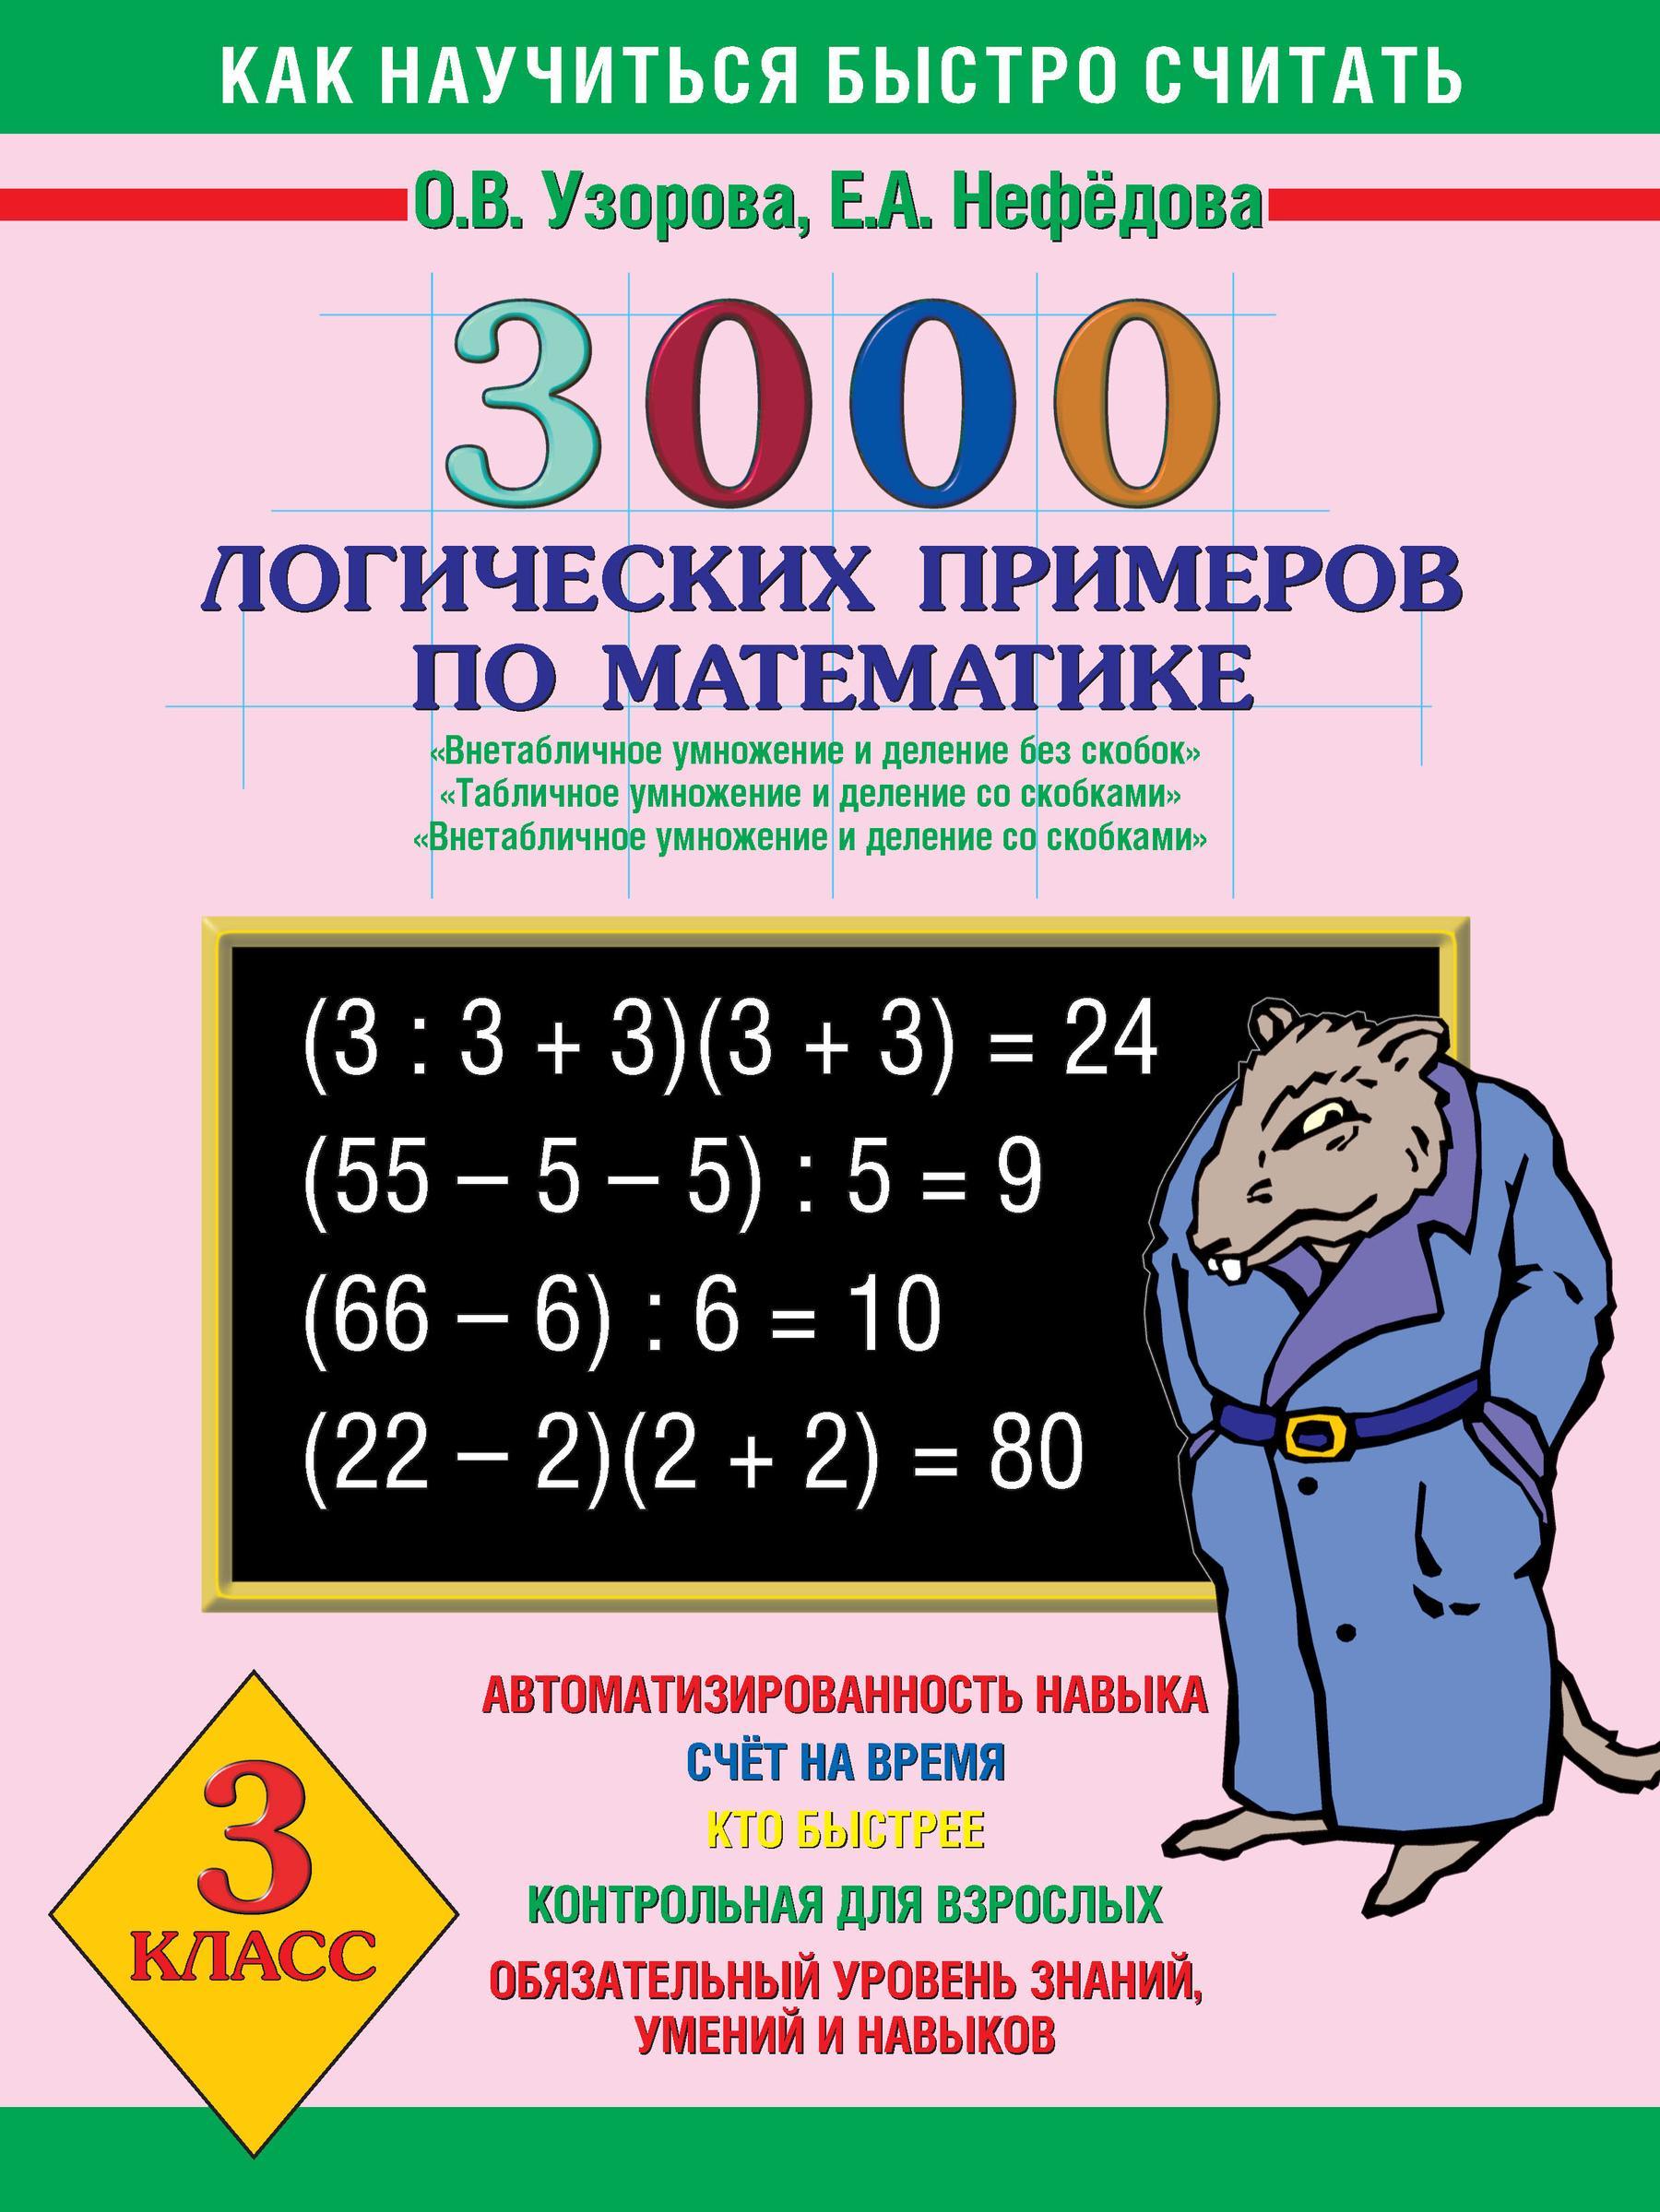 3000 логических примеров по математике. Внетабличное умножение и деление без скобок. Табличное умножение и деление со скобками. Внетабличное умножение и деление со скобками. 3 класс